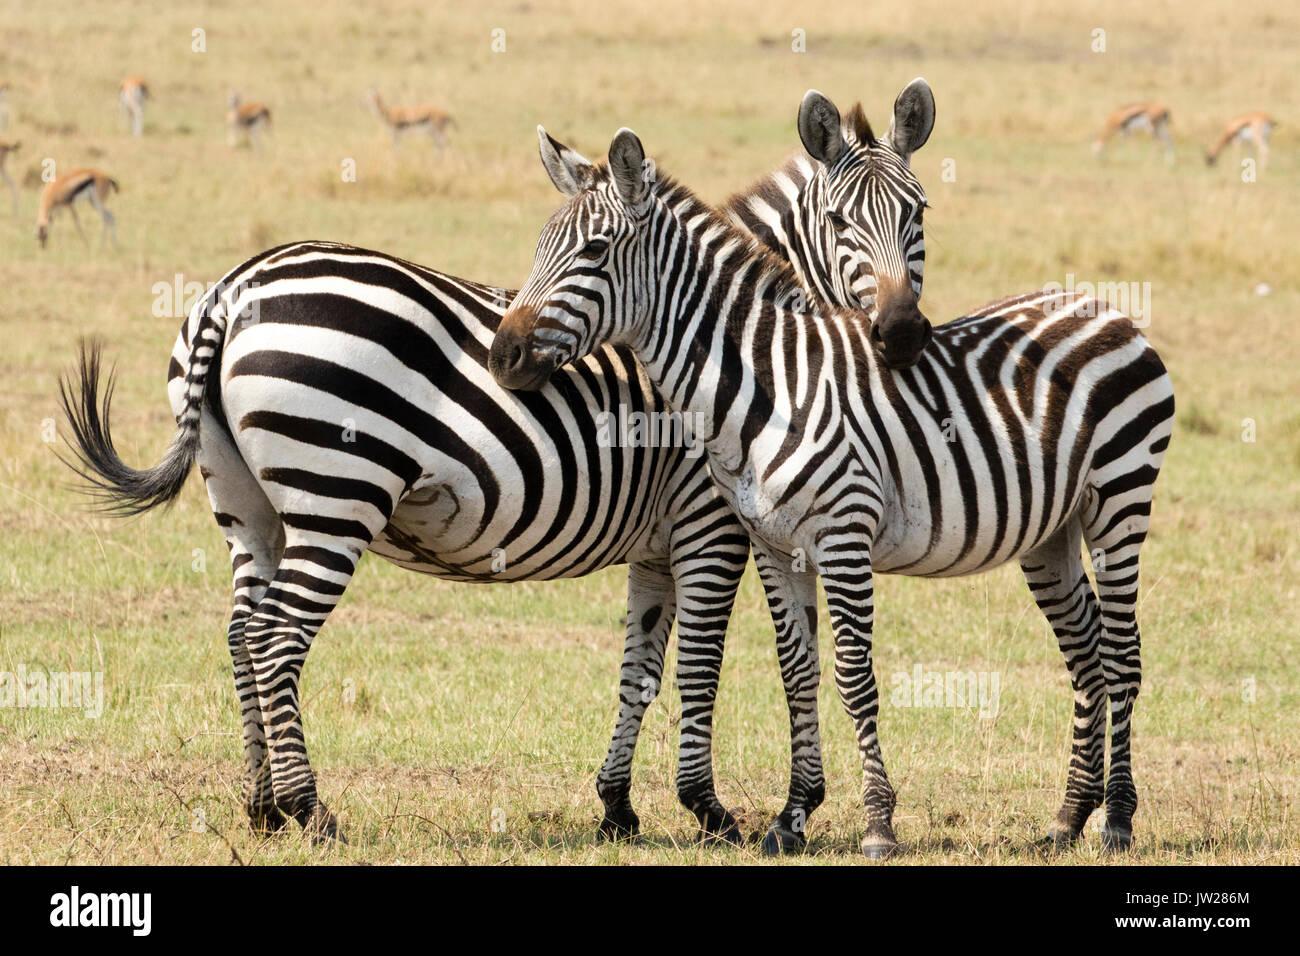 Süßer Moment zwischen Ebene Zebras (Equus quagga) Mutter und Kind, stützte sich auf jedes andere Stockbild